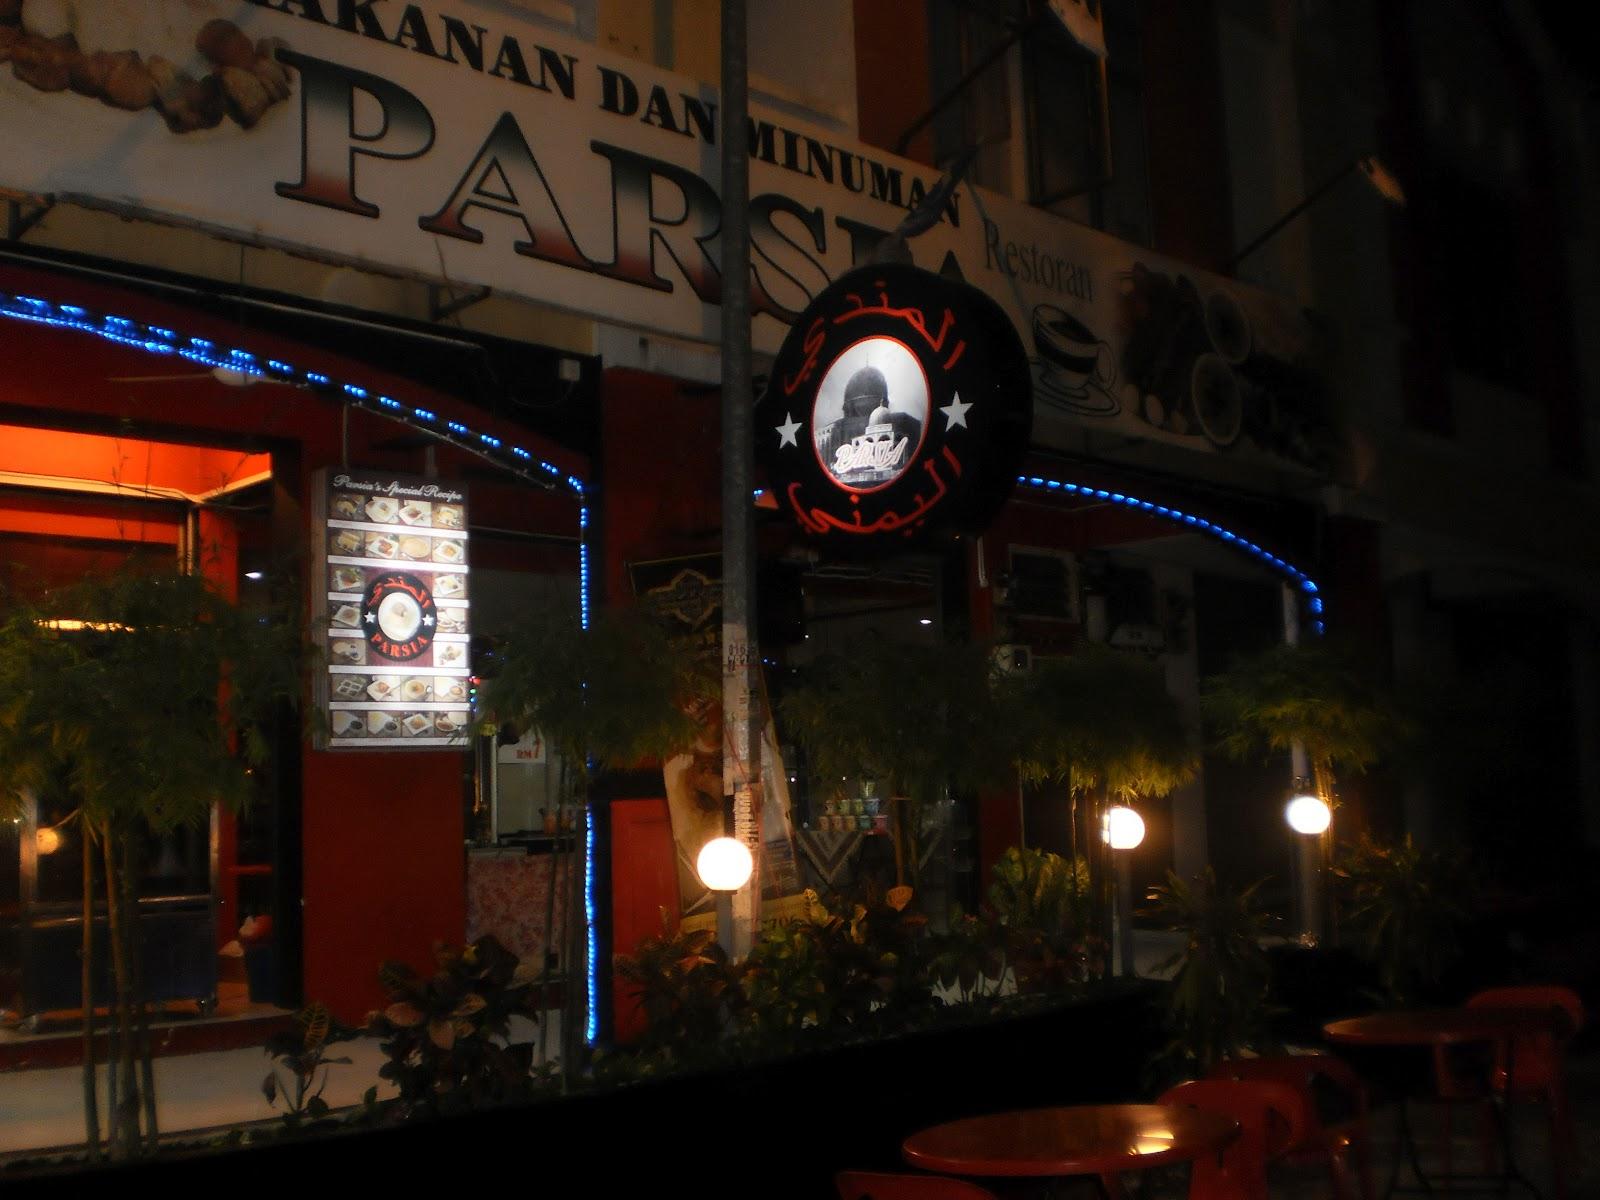 Citarasa rinduan irania restaurant parsia for 4 t s diner rockingham nc